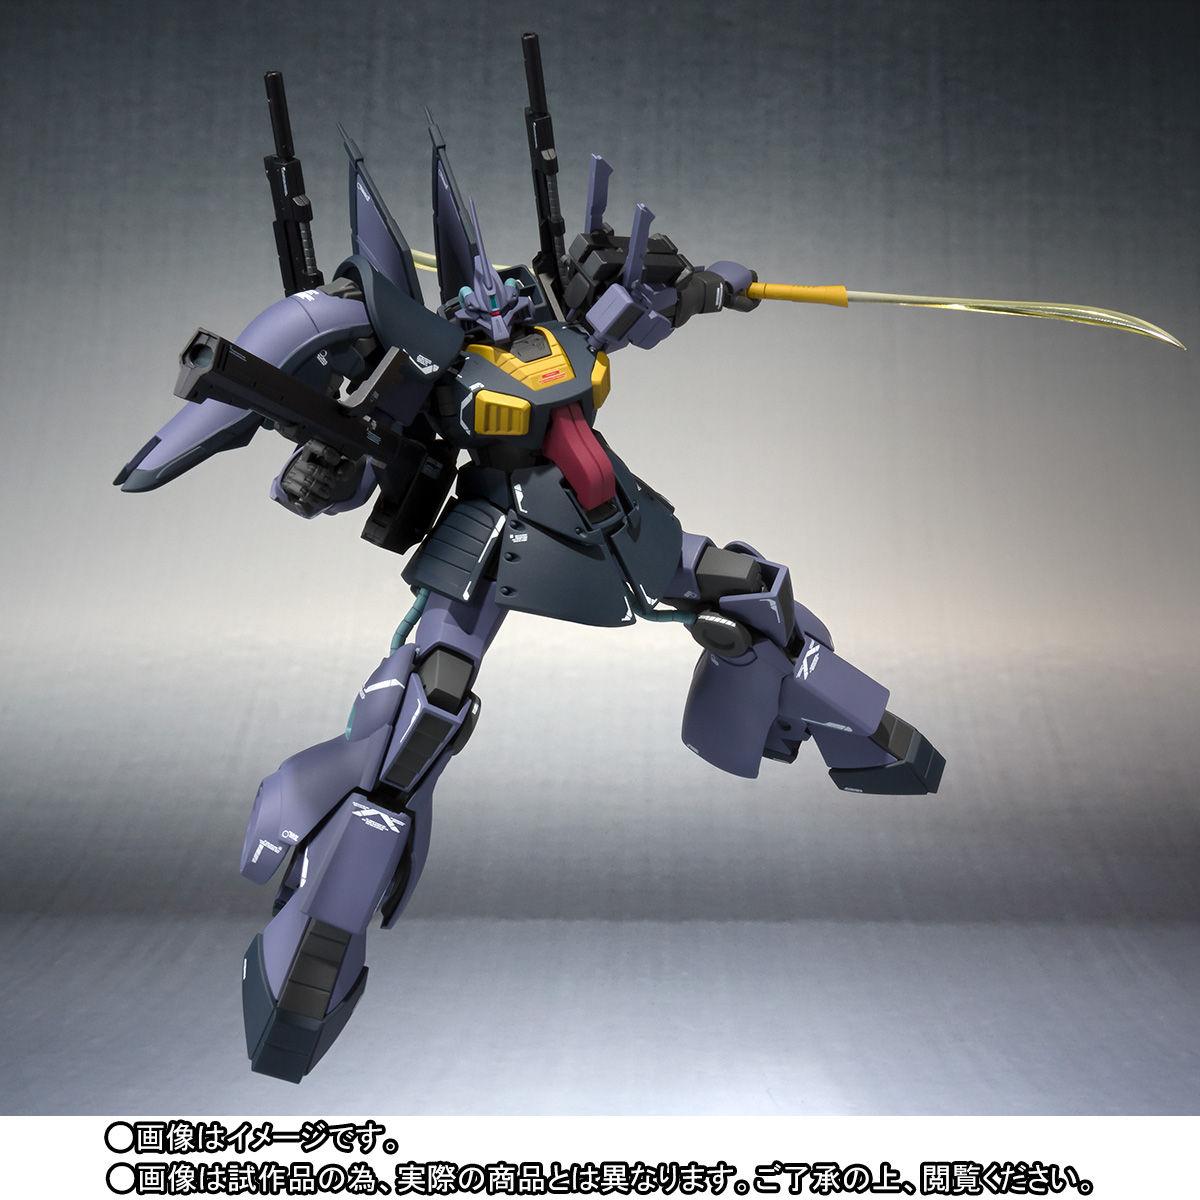 ROBOT魂(Ka signature)〈SIDE MS〉『ディジェ(ナラティブVer.)』機動戦士ガンダムNT 可動フィギュア-006